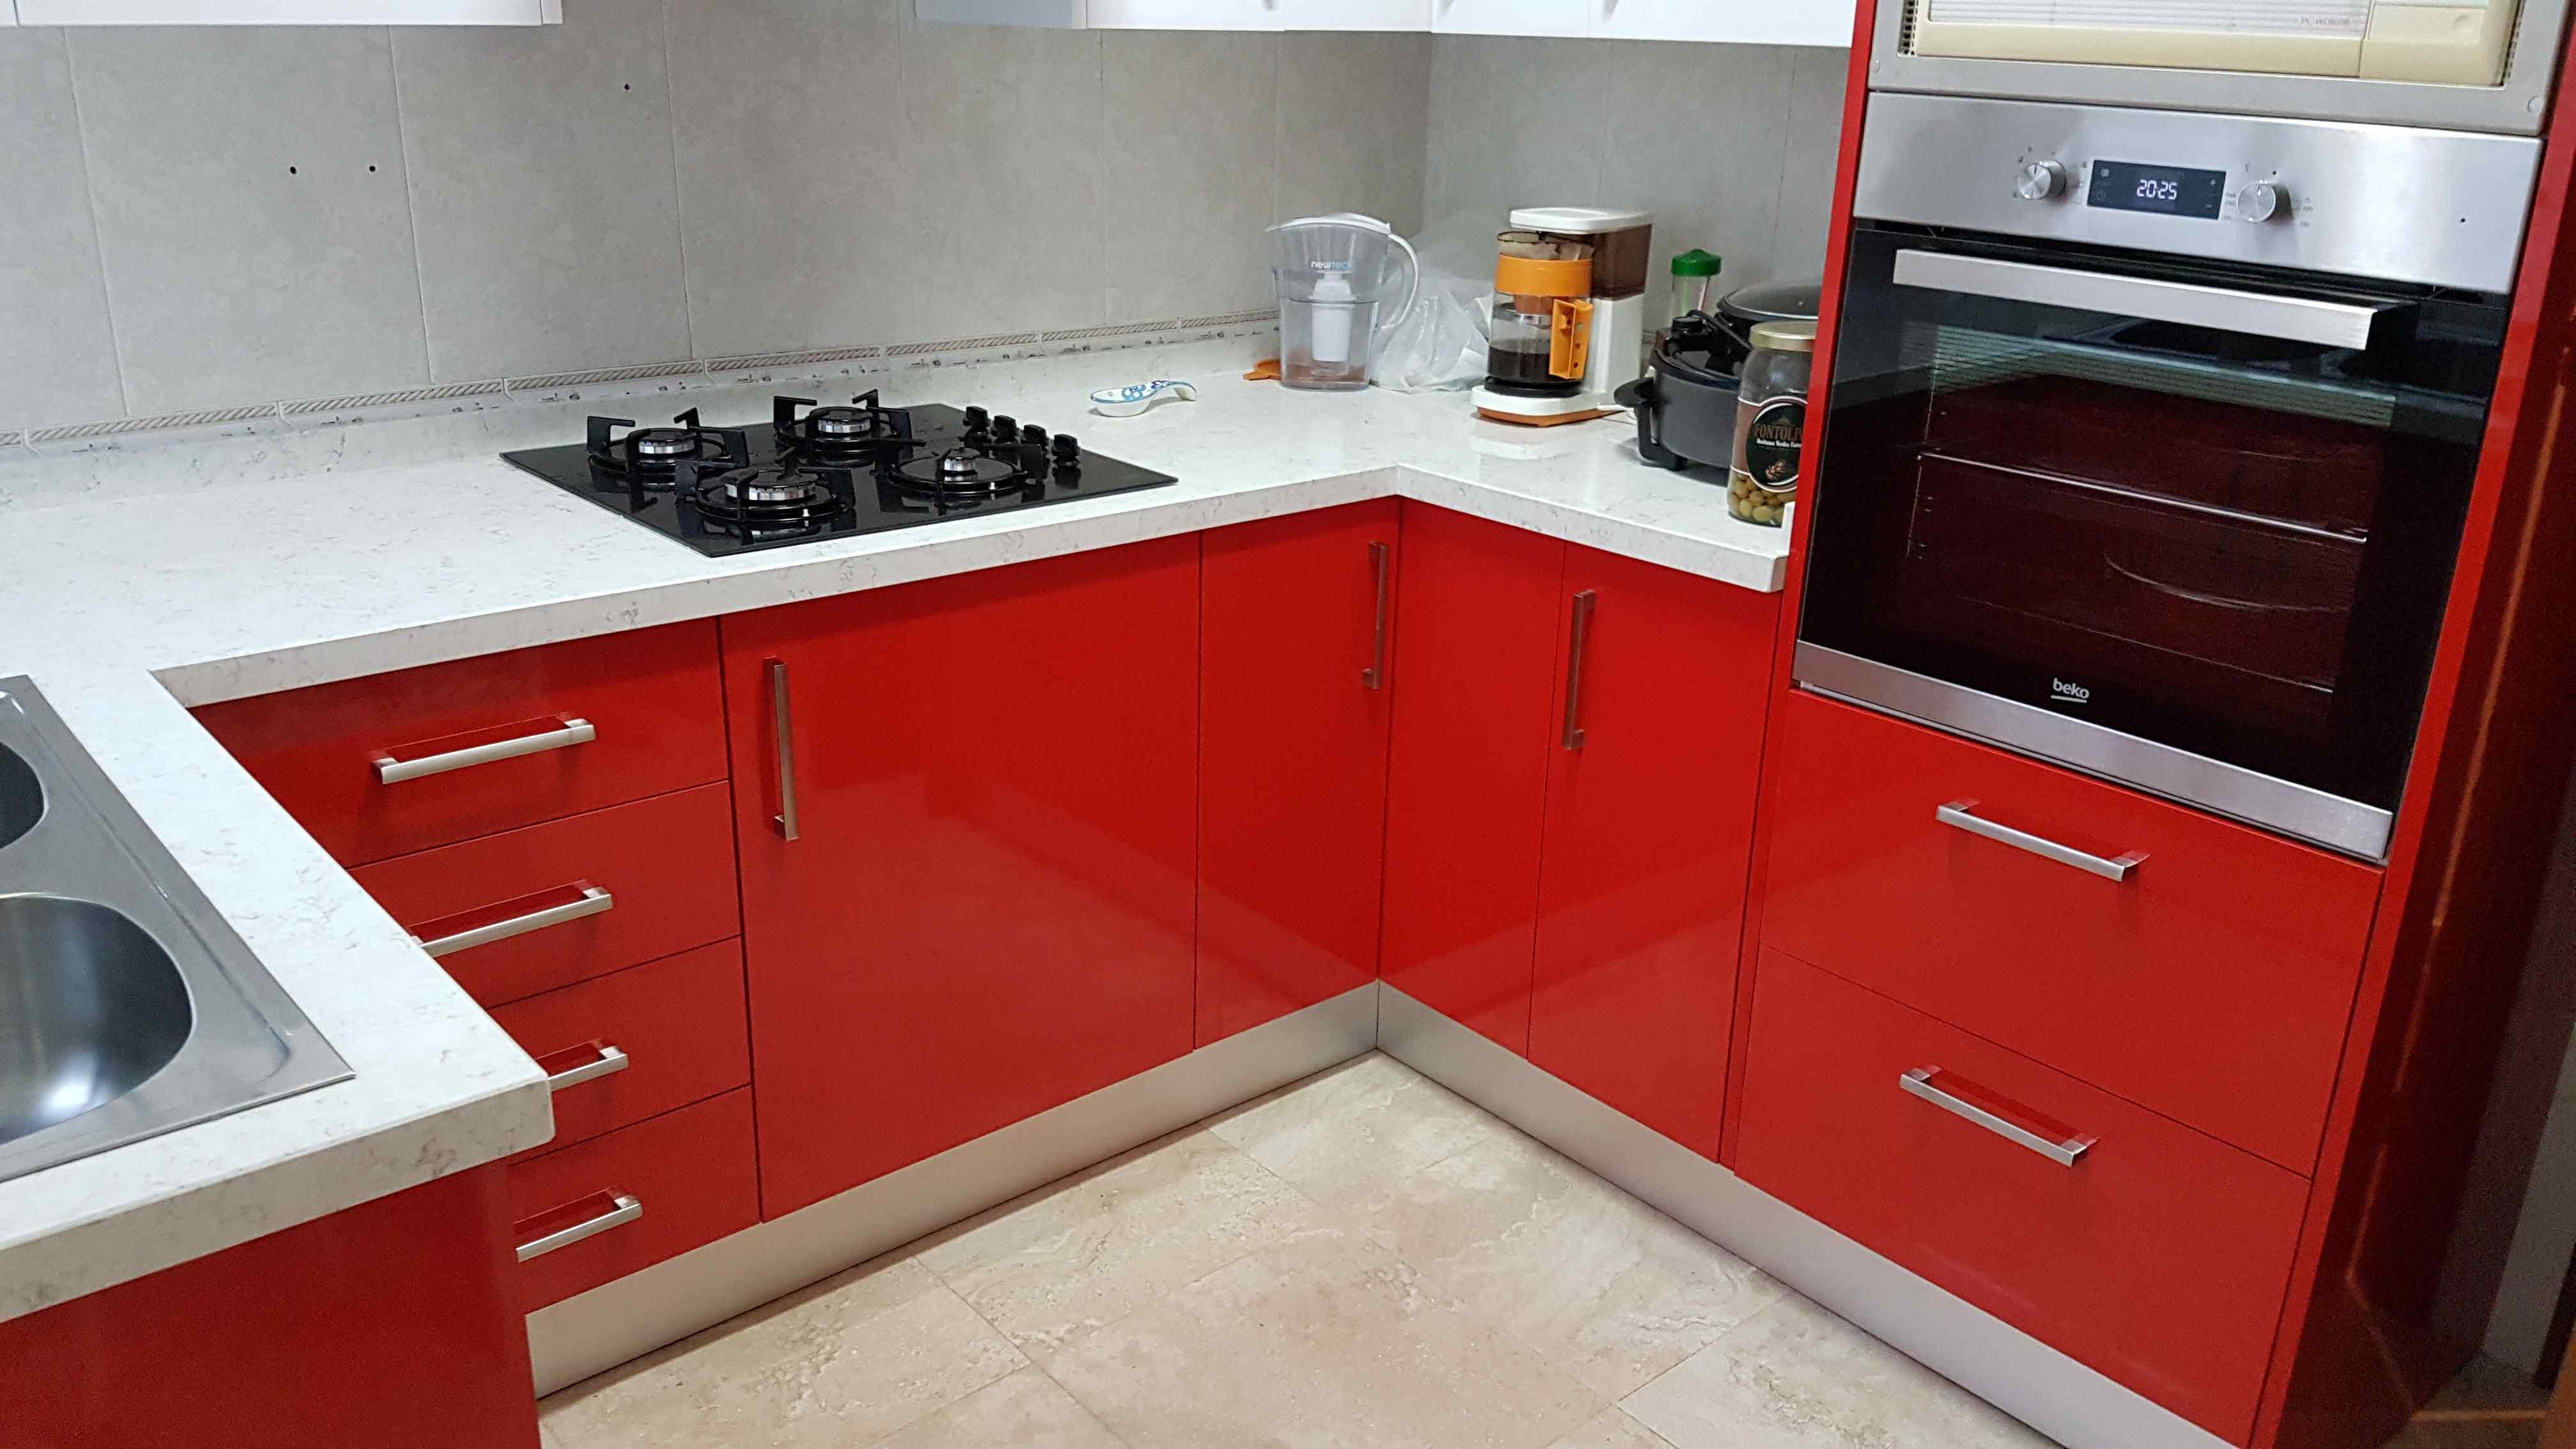 Carpinteria Familia Murcia Cocina Roja Y Blanca En Alto Brillo